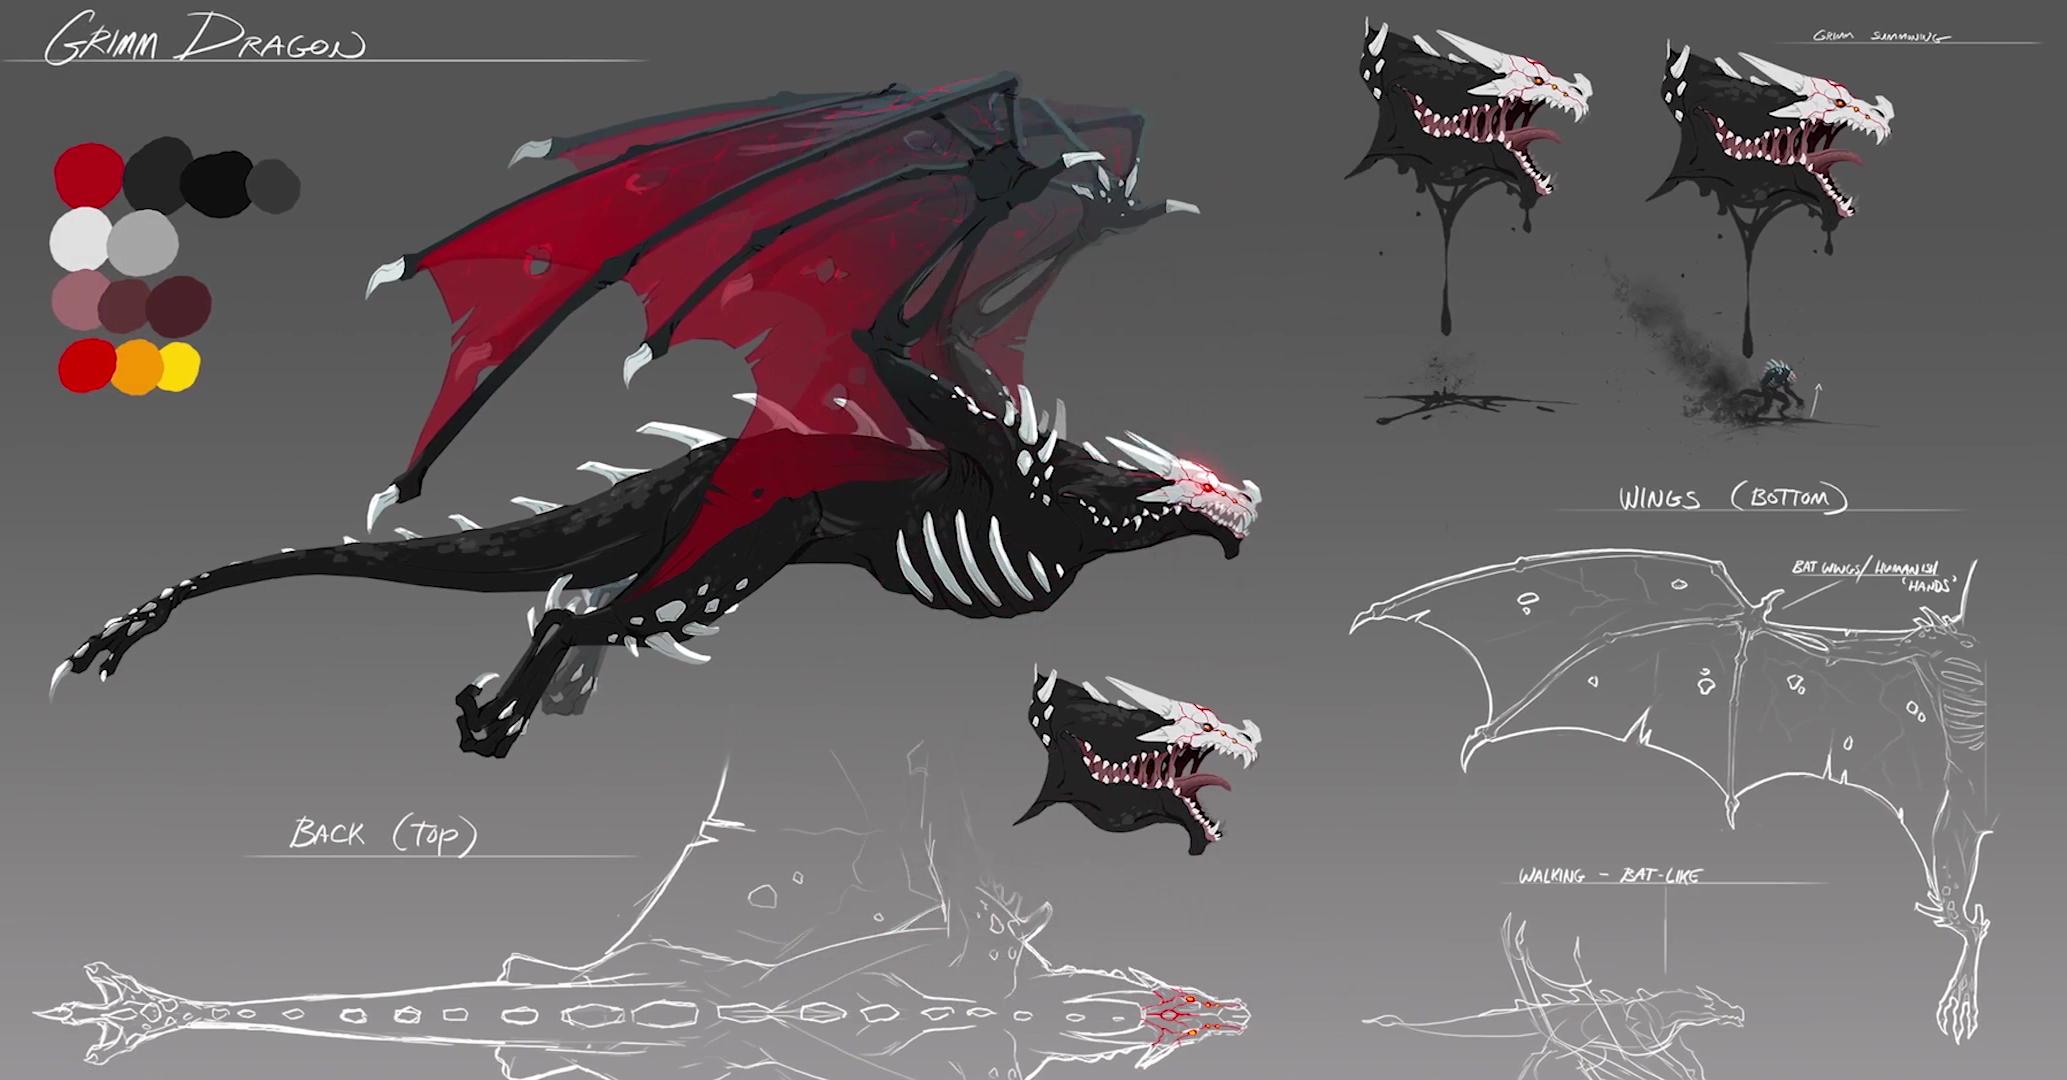 Grimm Dragon Concept Art.png